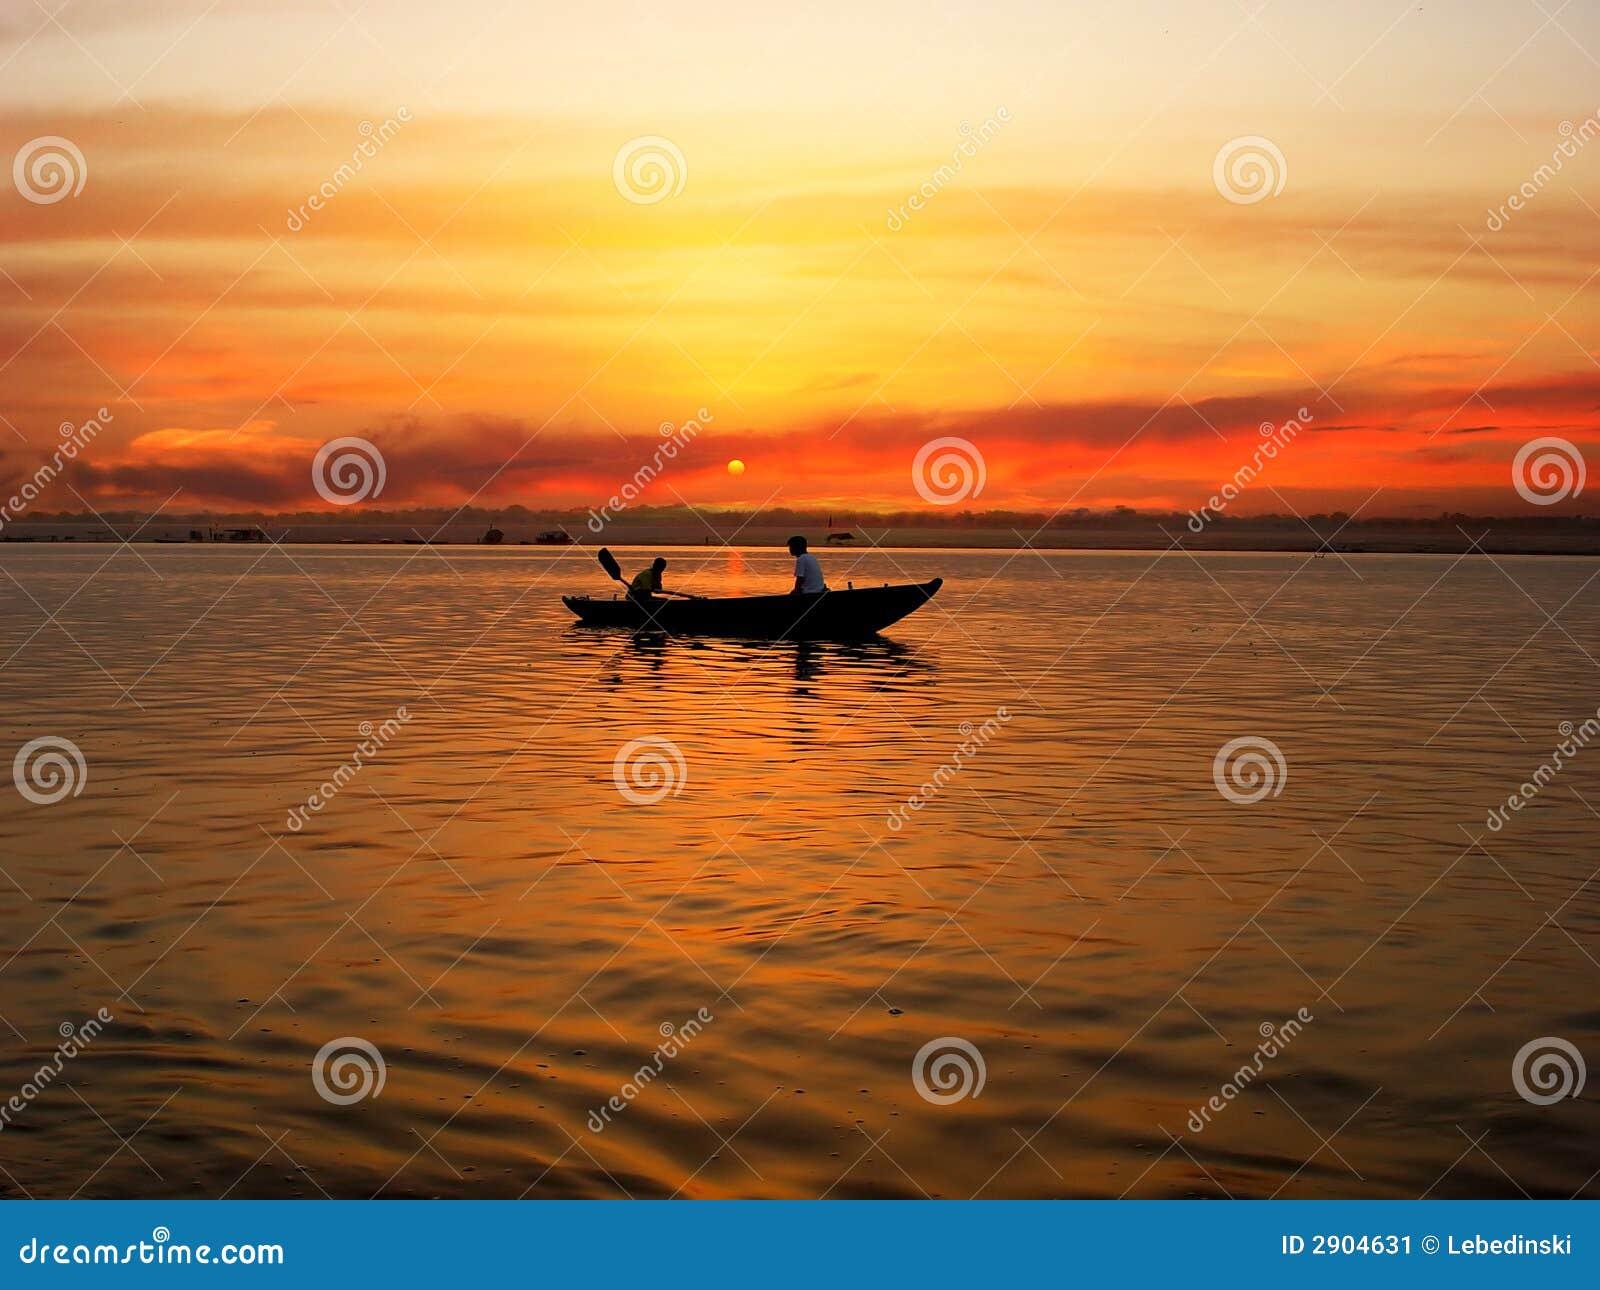 The Ganga River Stock Image - Image: 2904631